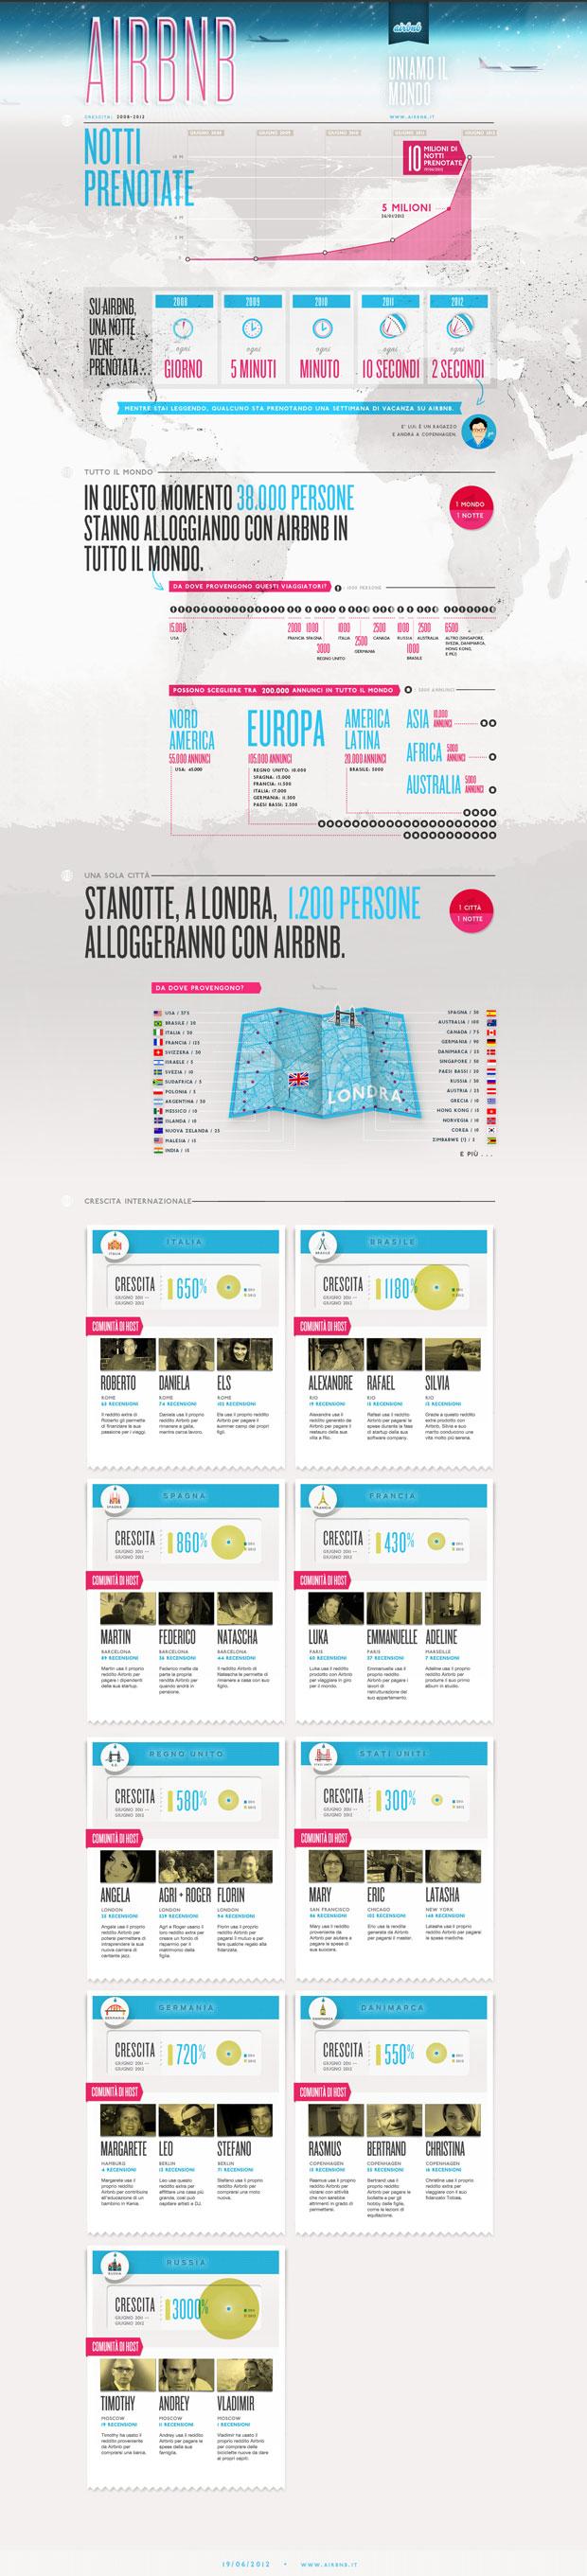 Airbnb 10 milioni notti prenotate - infografica